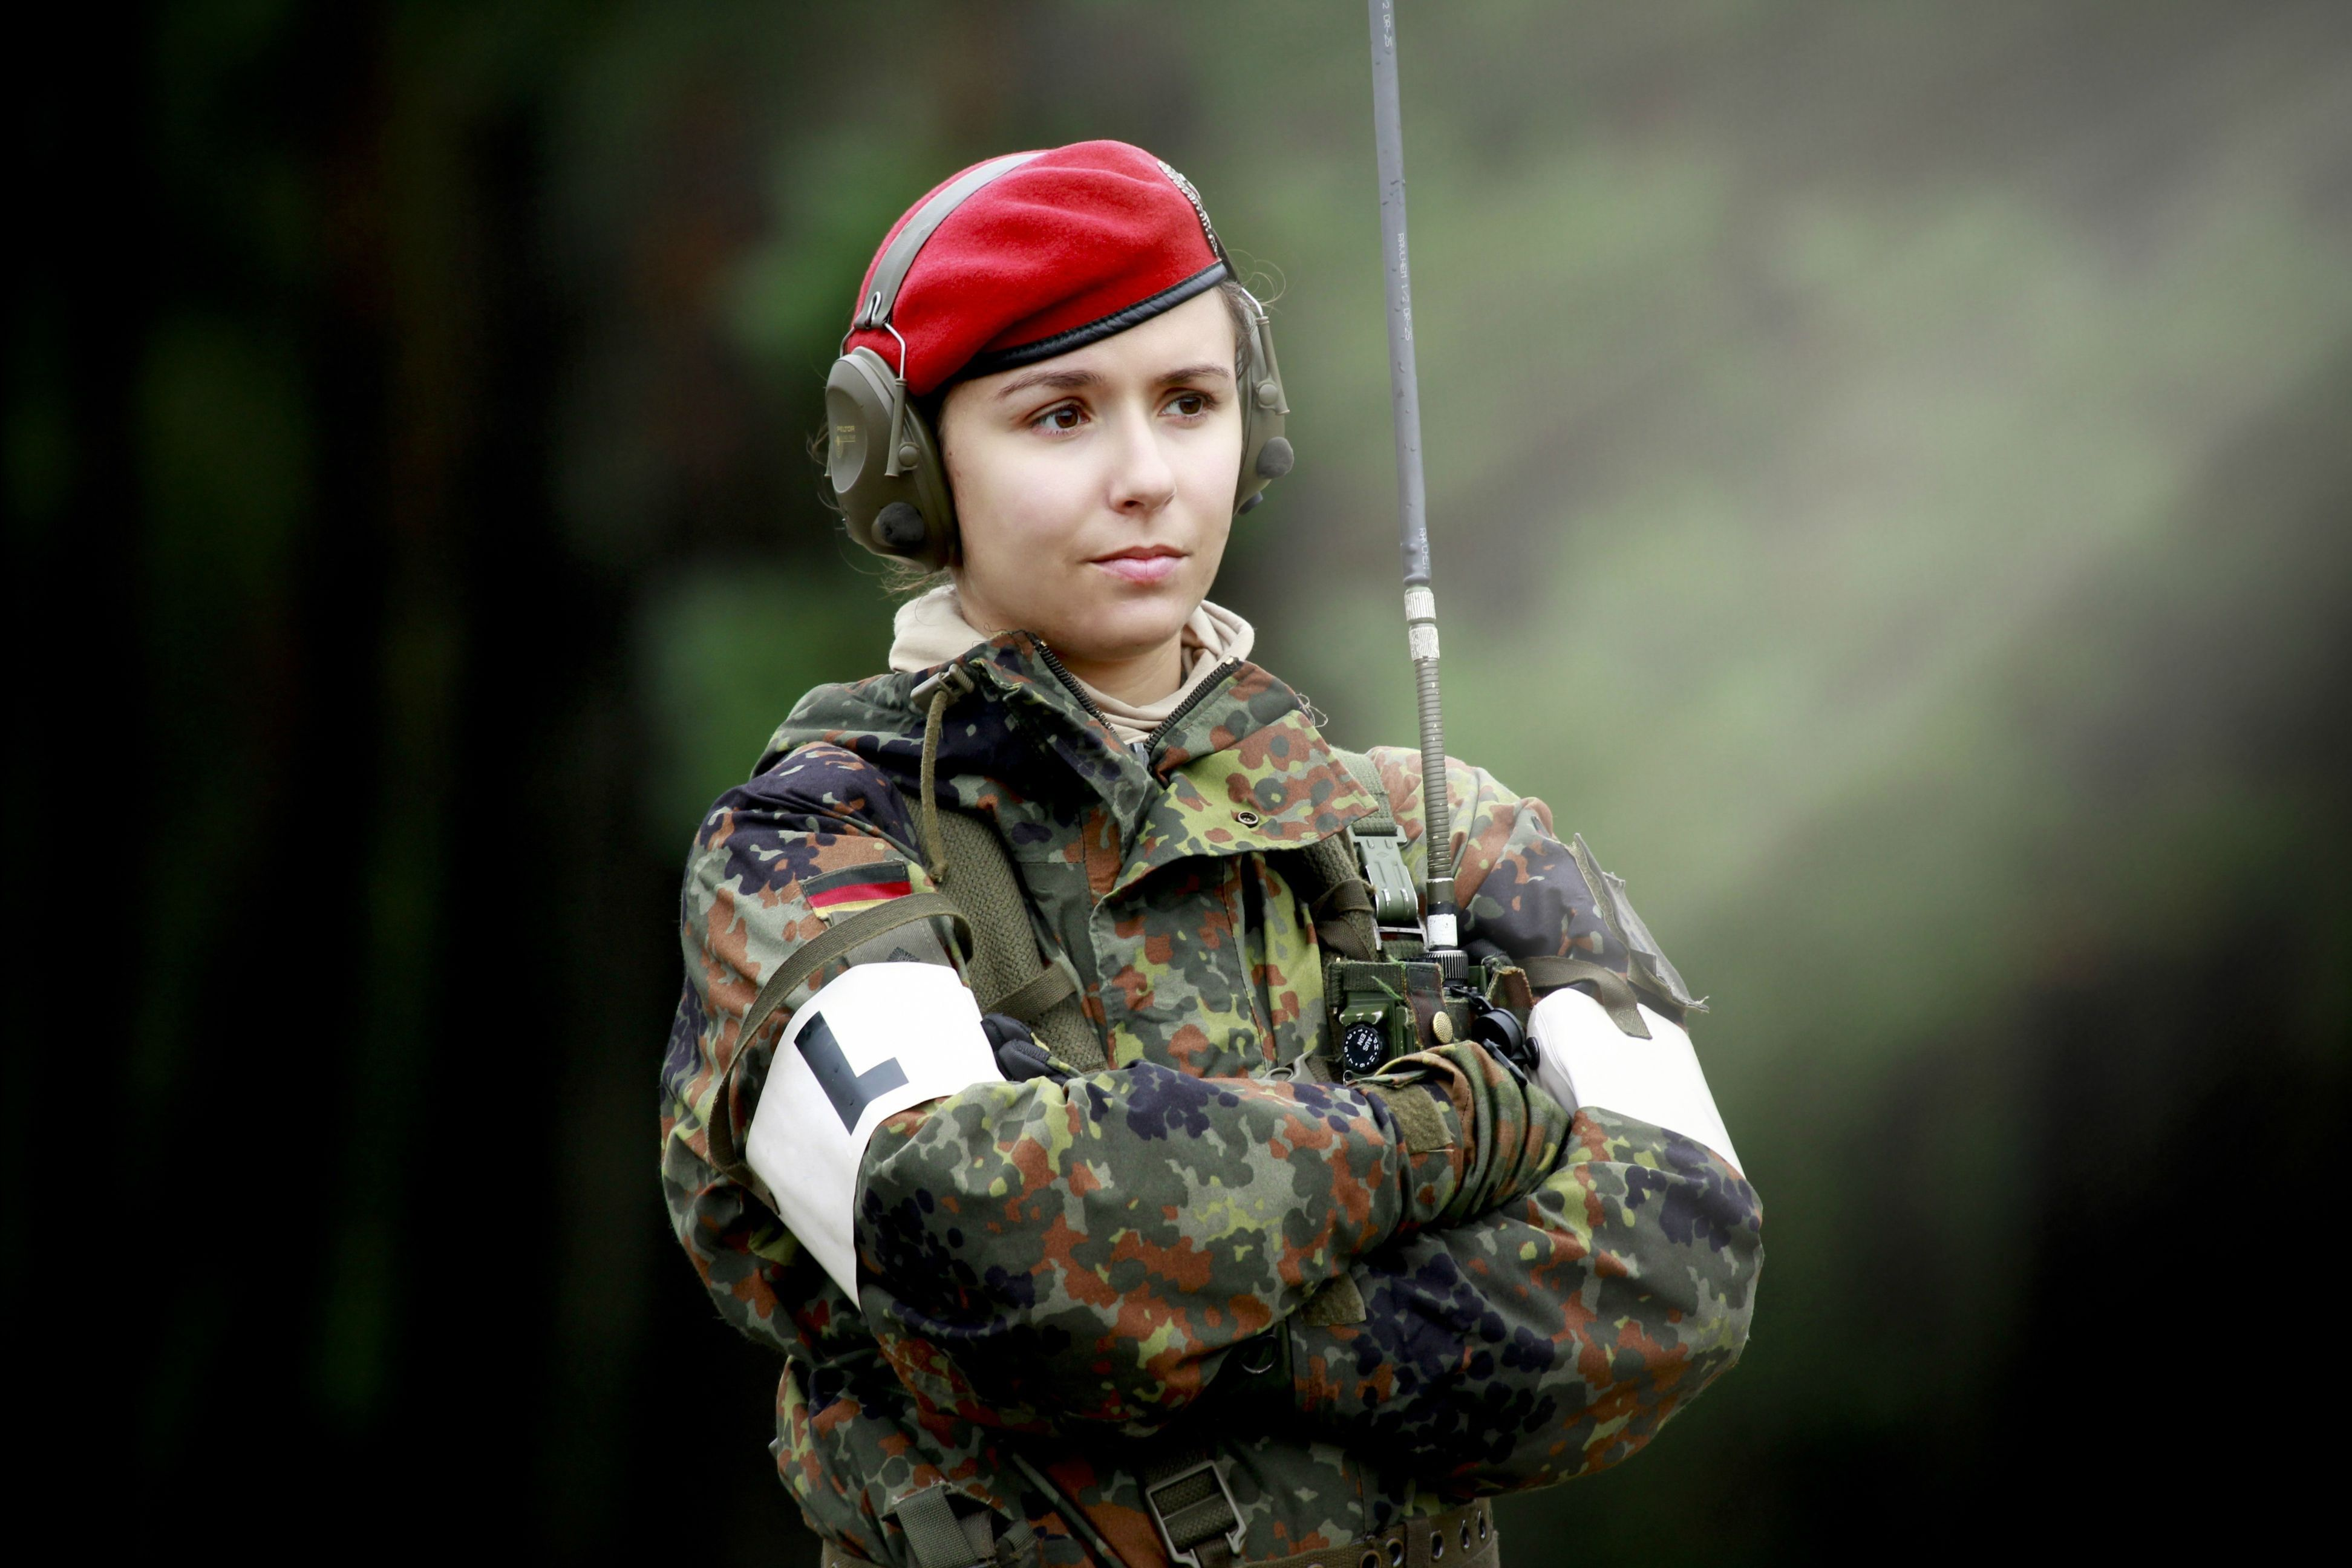 echte Armeemädchen